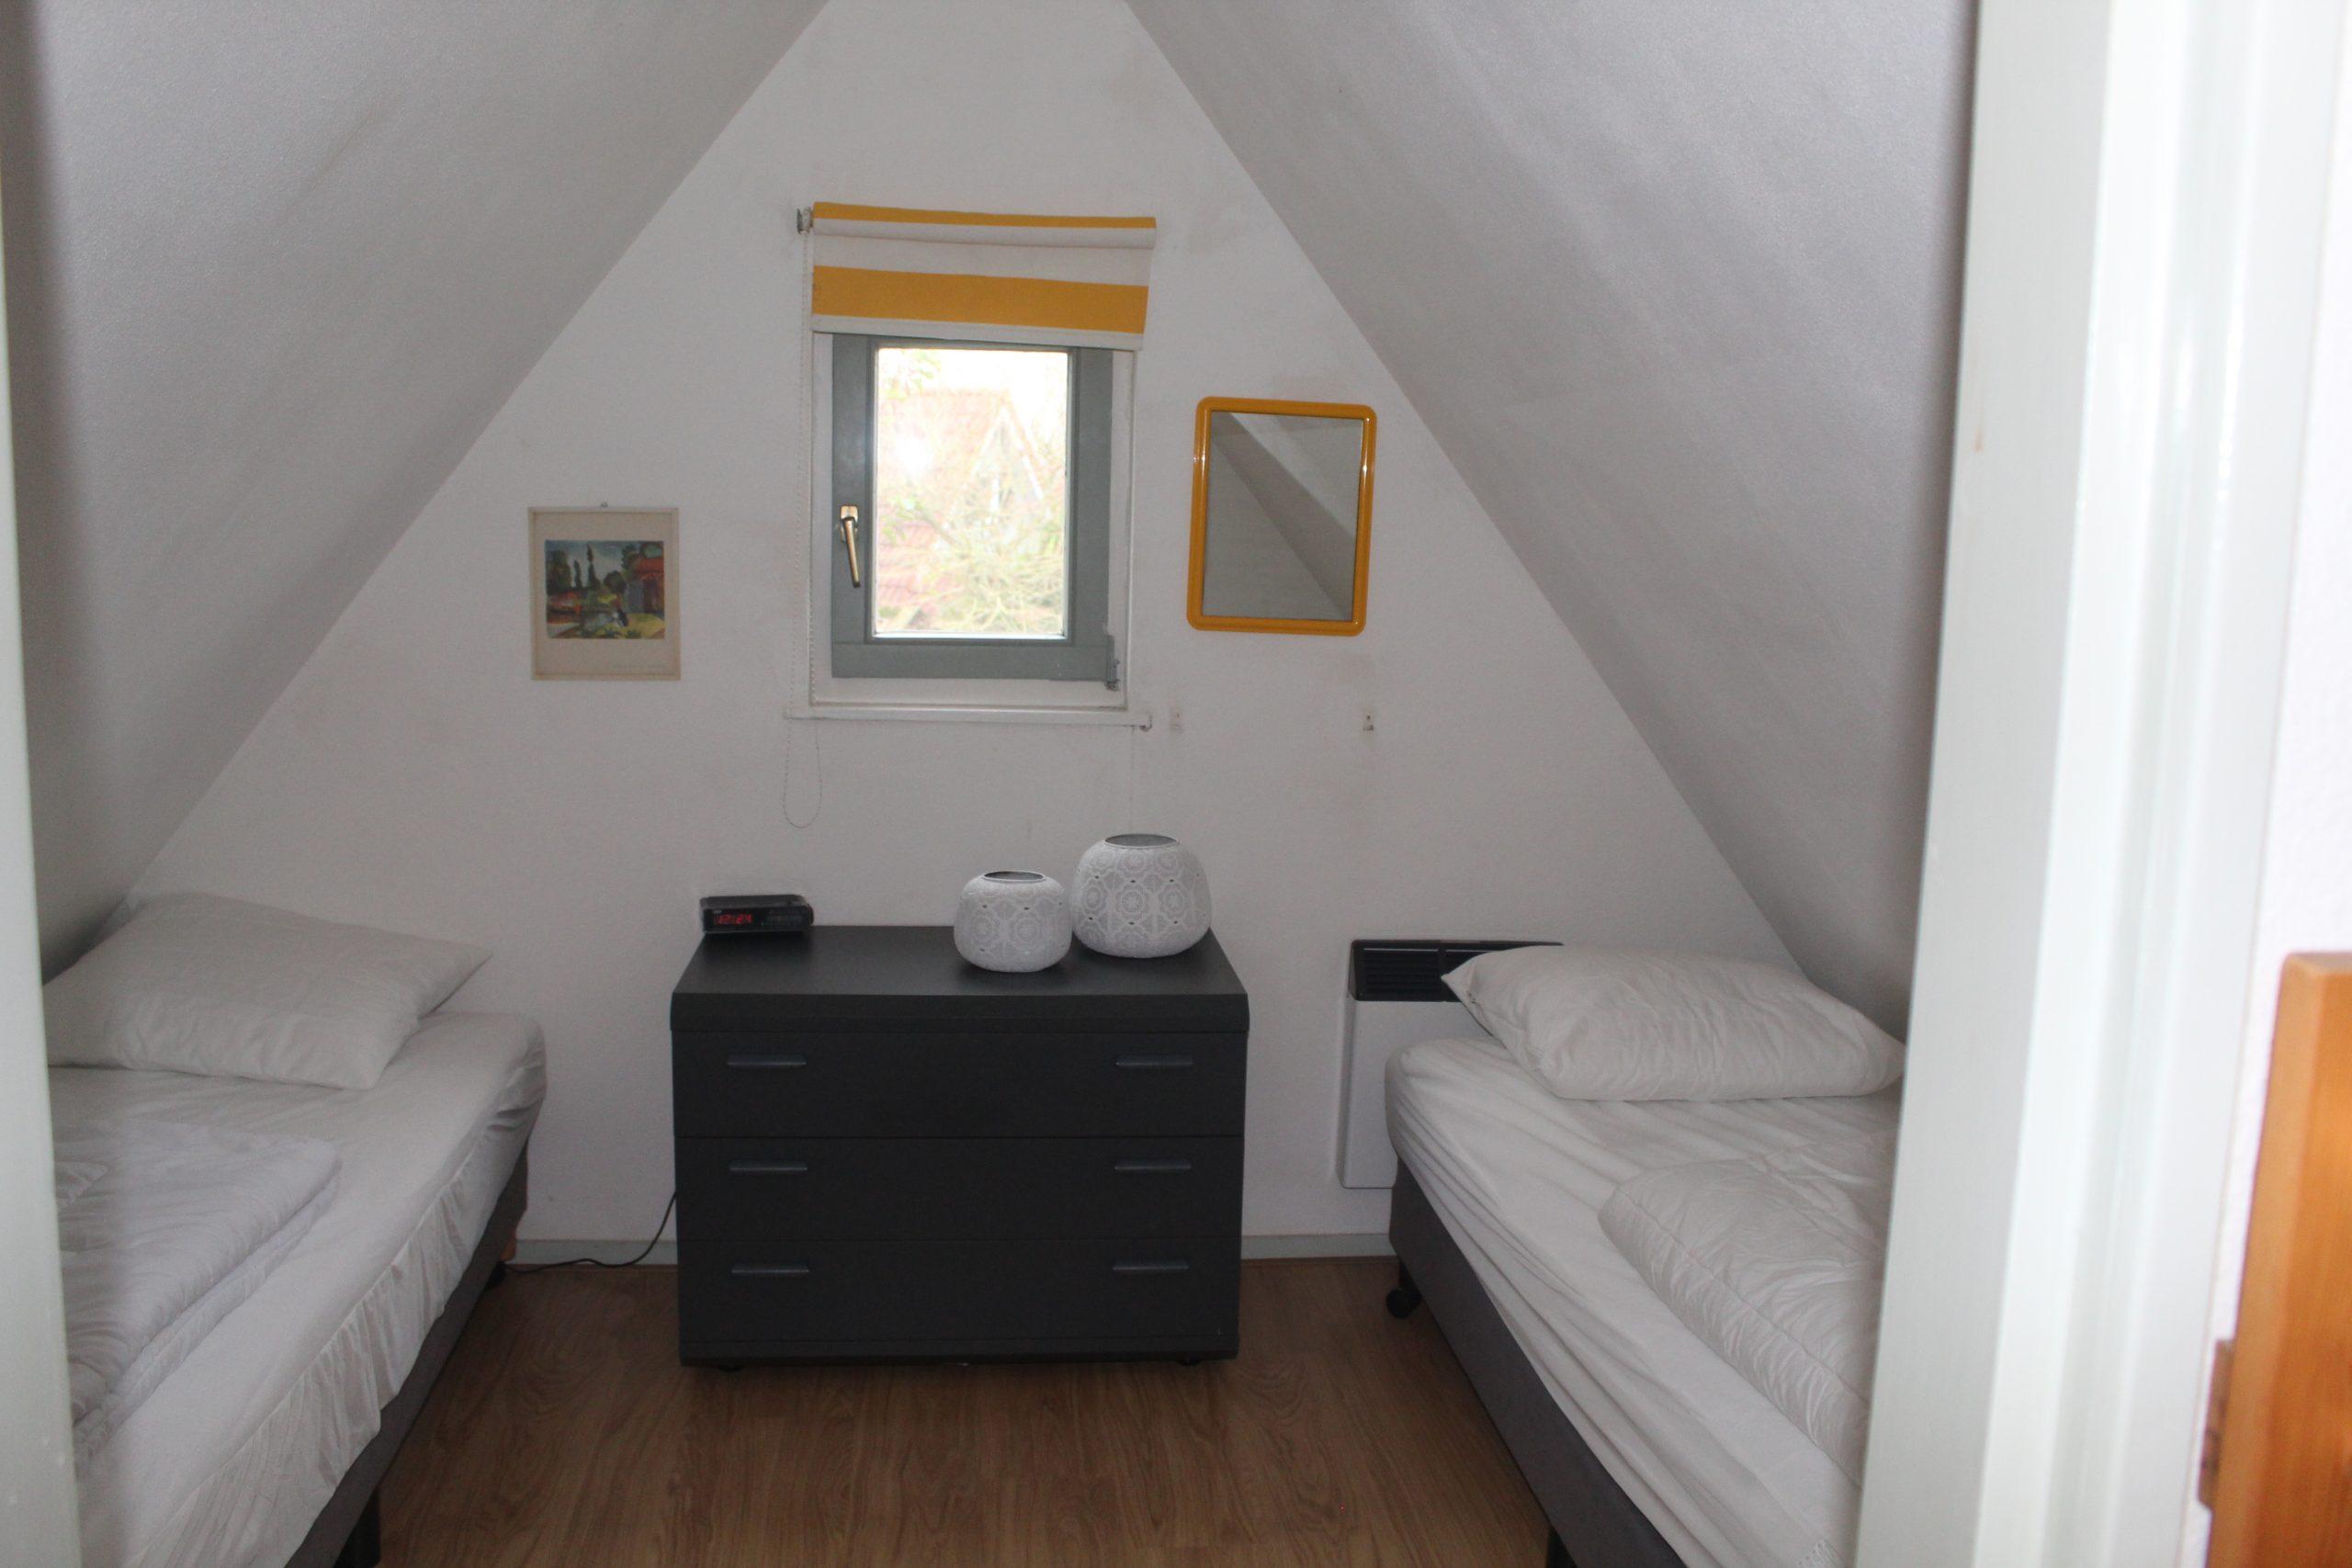 Slaapkamer boven eenpersoonsbed Lauwersmeer